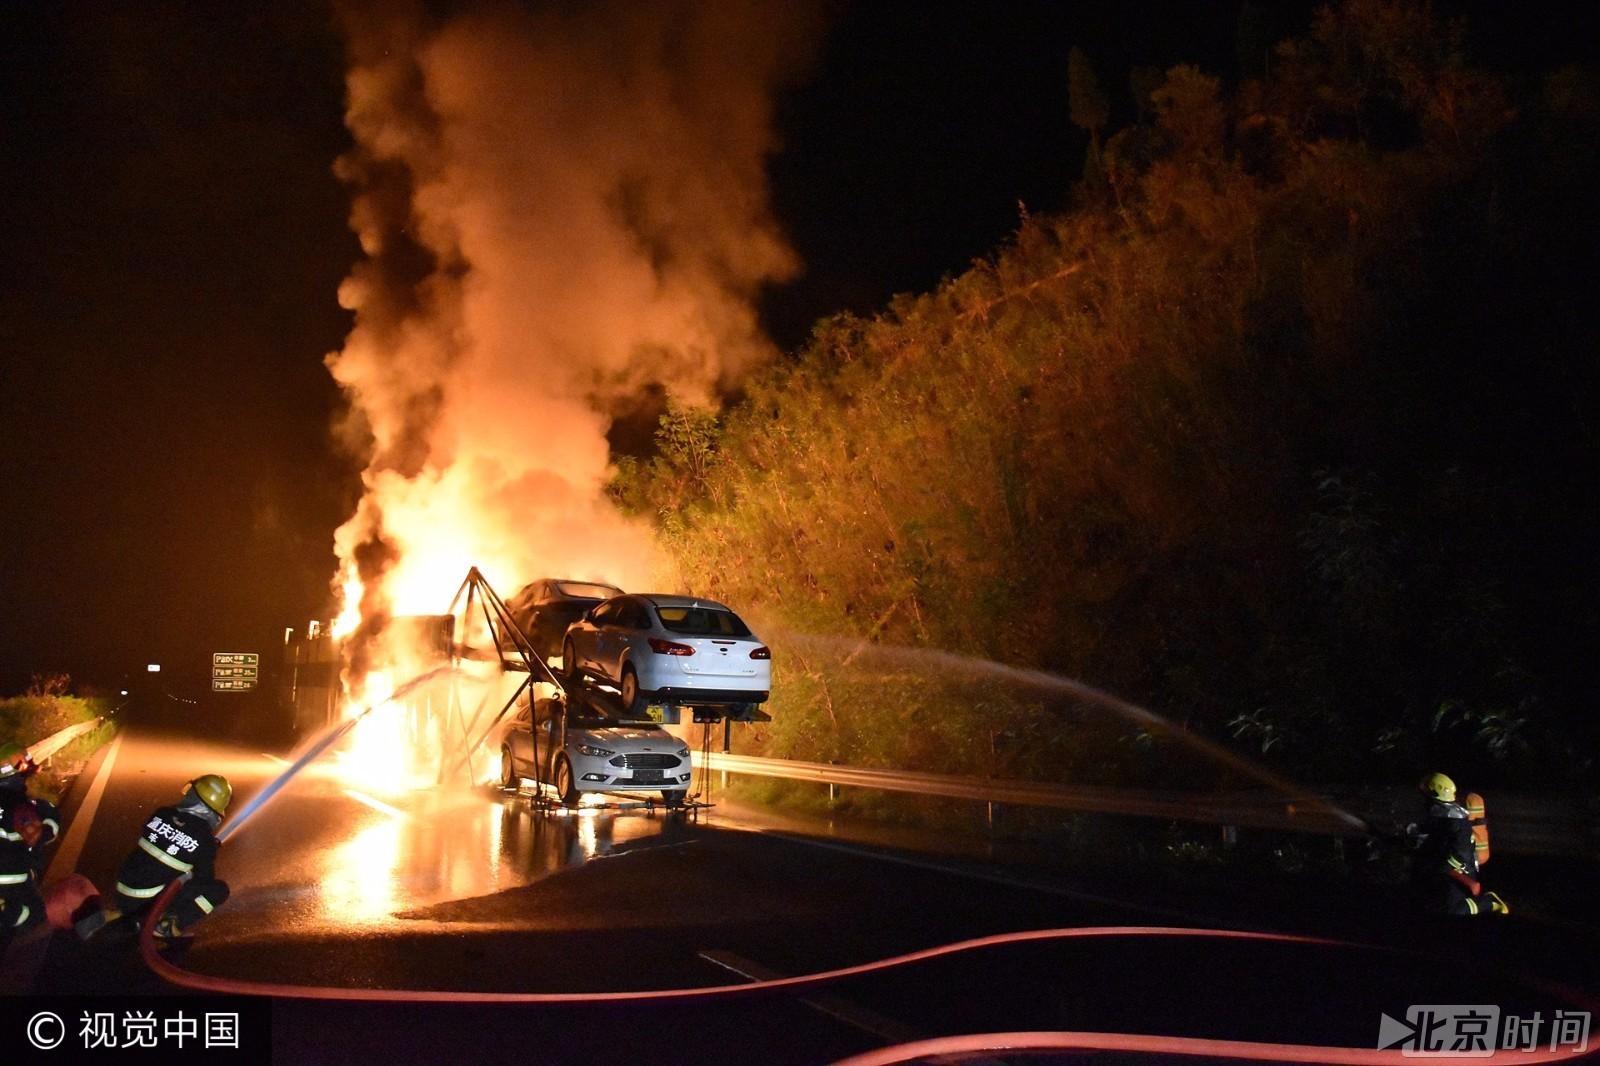 载液化气车辆行驶中后轮起火_G50S高速载15辆轿车挂车起火 12辆车瞬间被烧毁|蔓延|挂车|轿车 ...